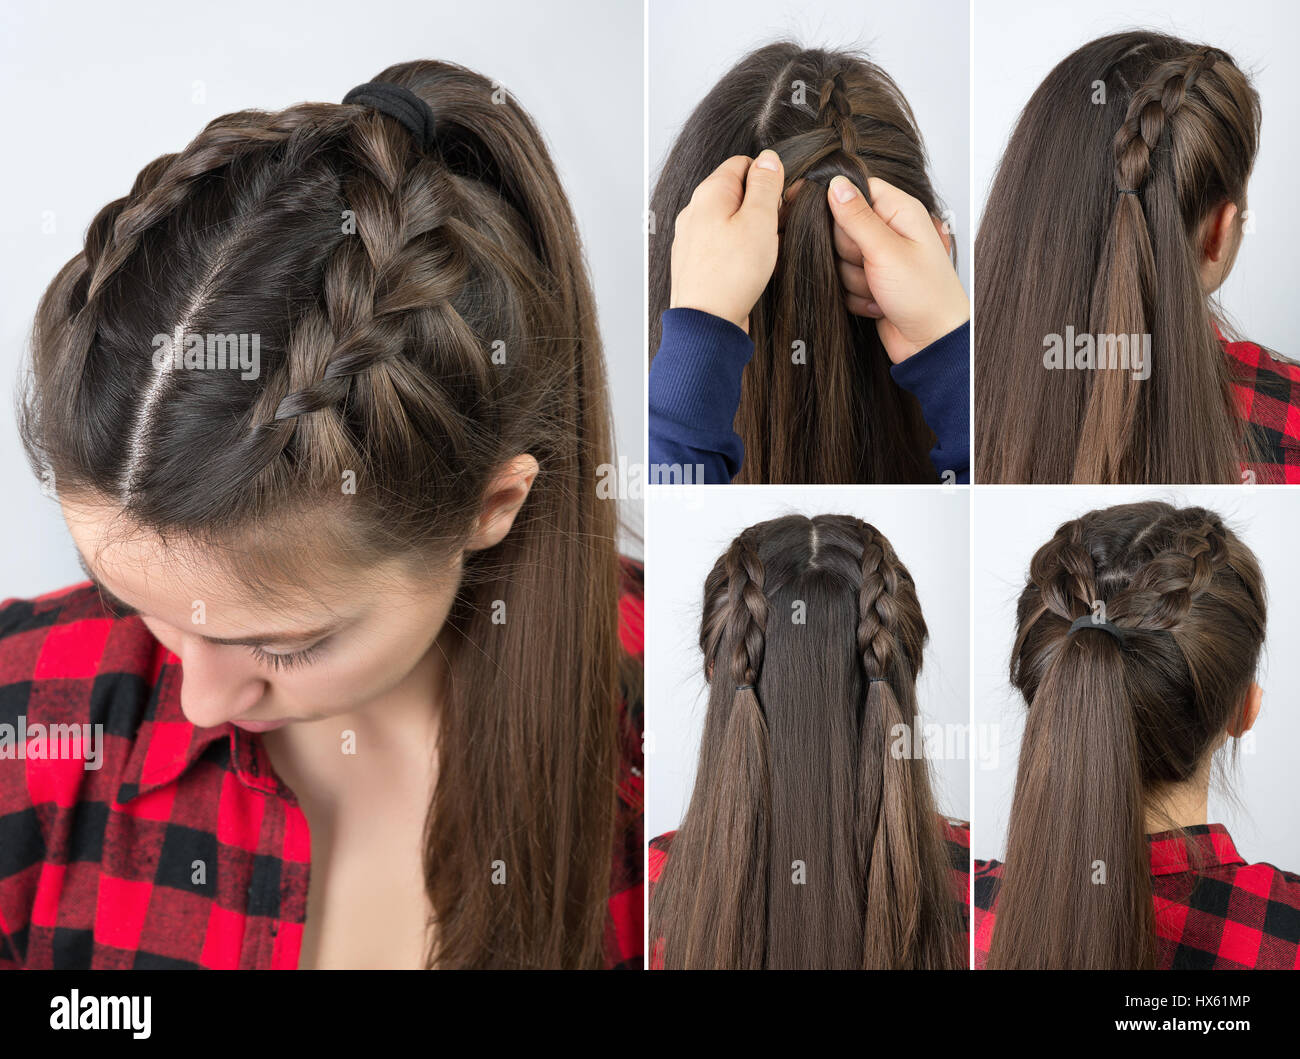 Coiffures pour enfants pour cheveux longs photo Г©tape par Г©tape